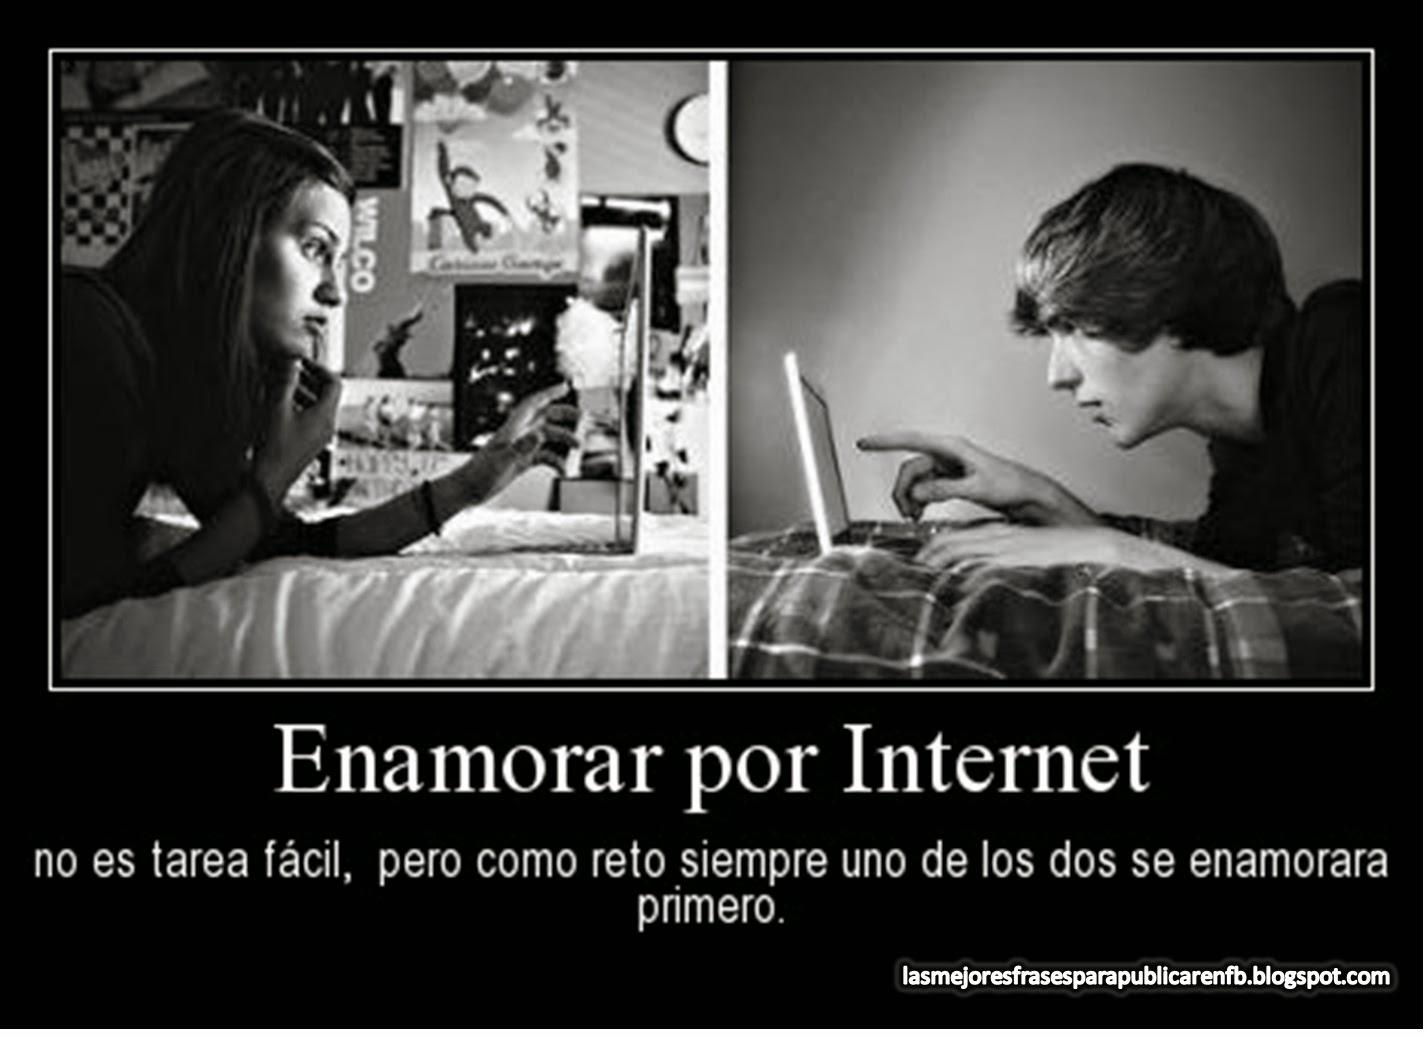 Frases Y Reflexiones De Amor: Enamorar Por Internet No Es Tarea Fácil